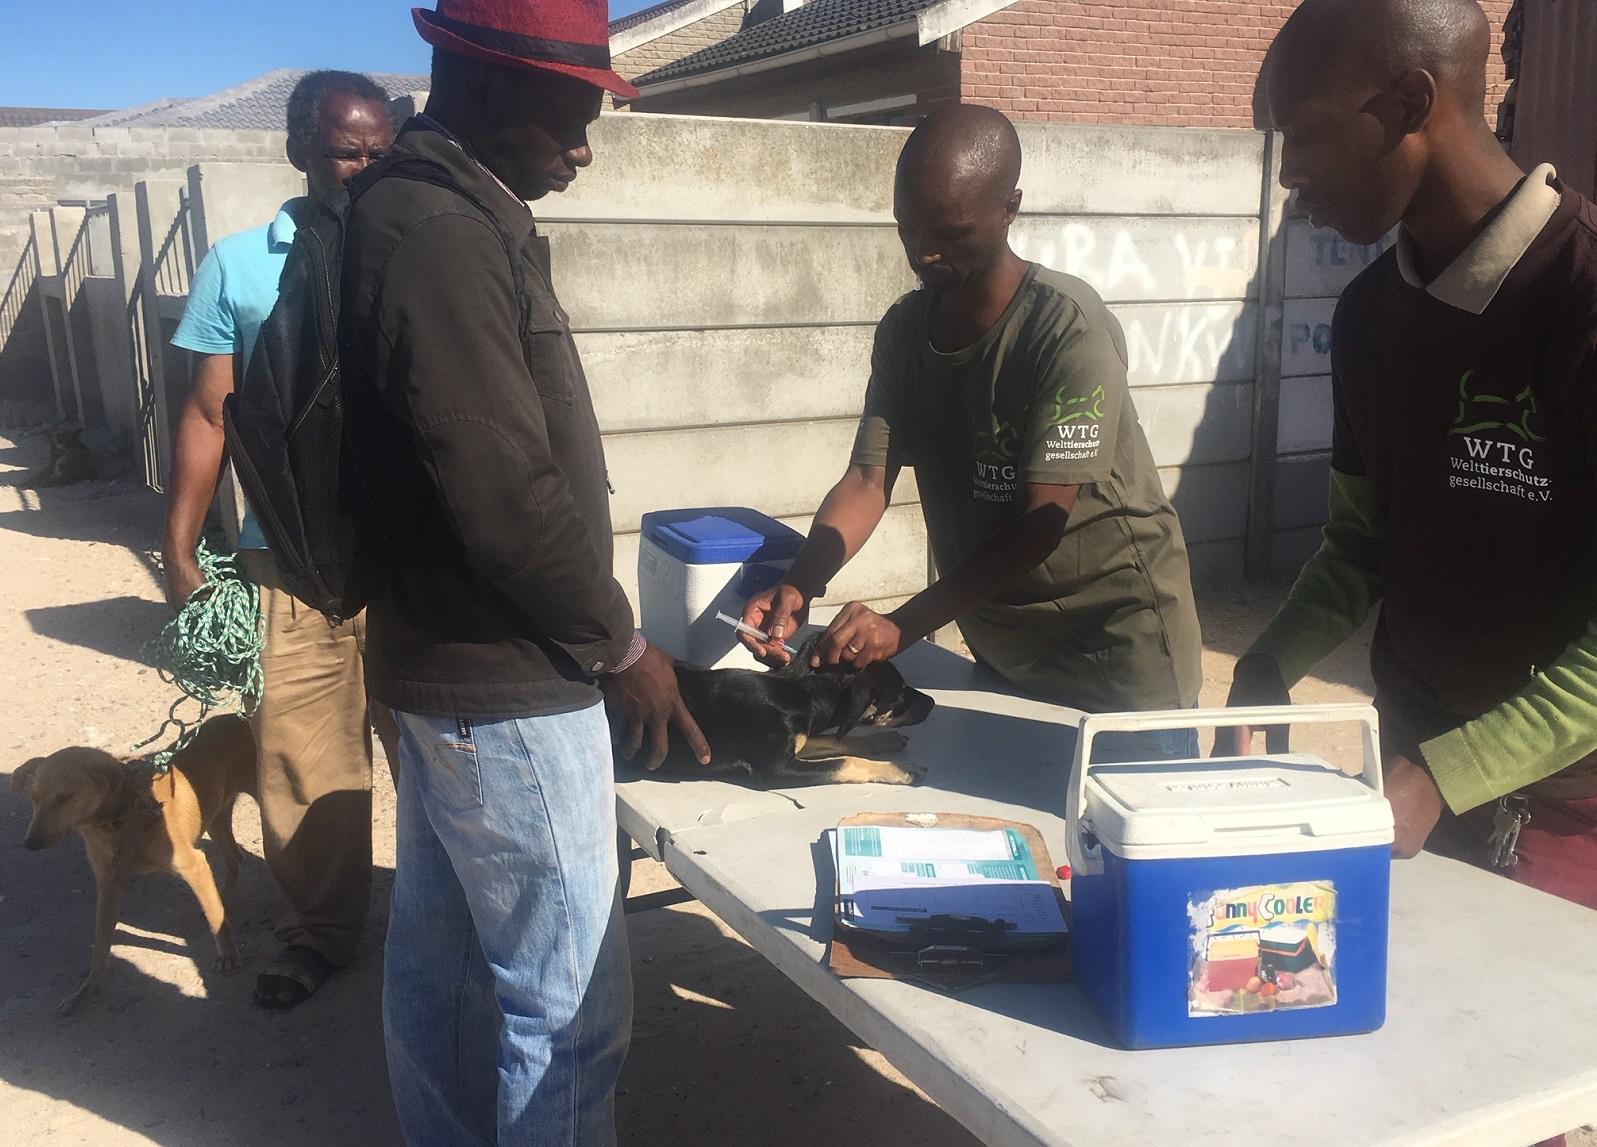 Entwurmungen und Impfungen werden von den Mitarbeitern der mobilen Haustierklinik ebenso durchgeführt wie allgemeine Gesundheitschecks